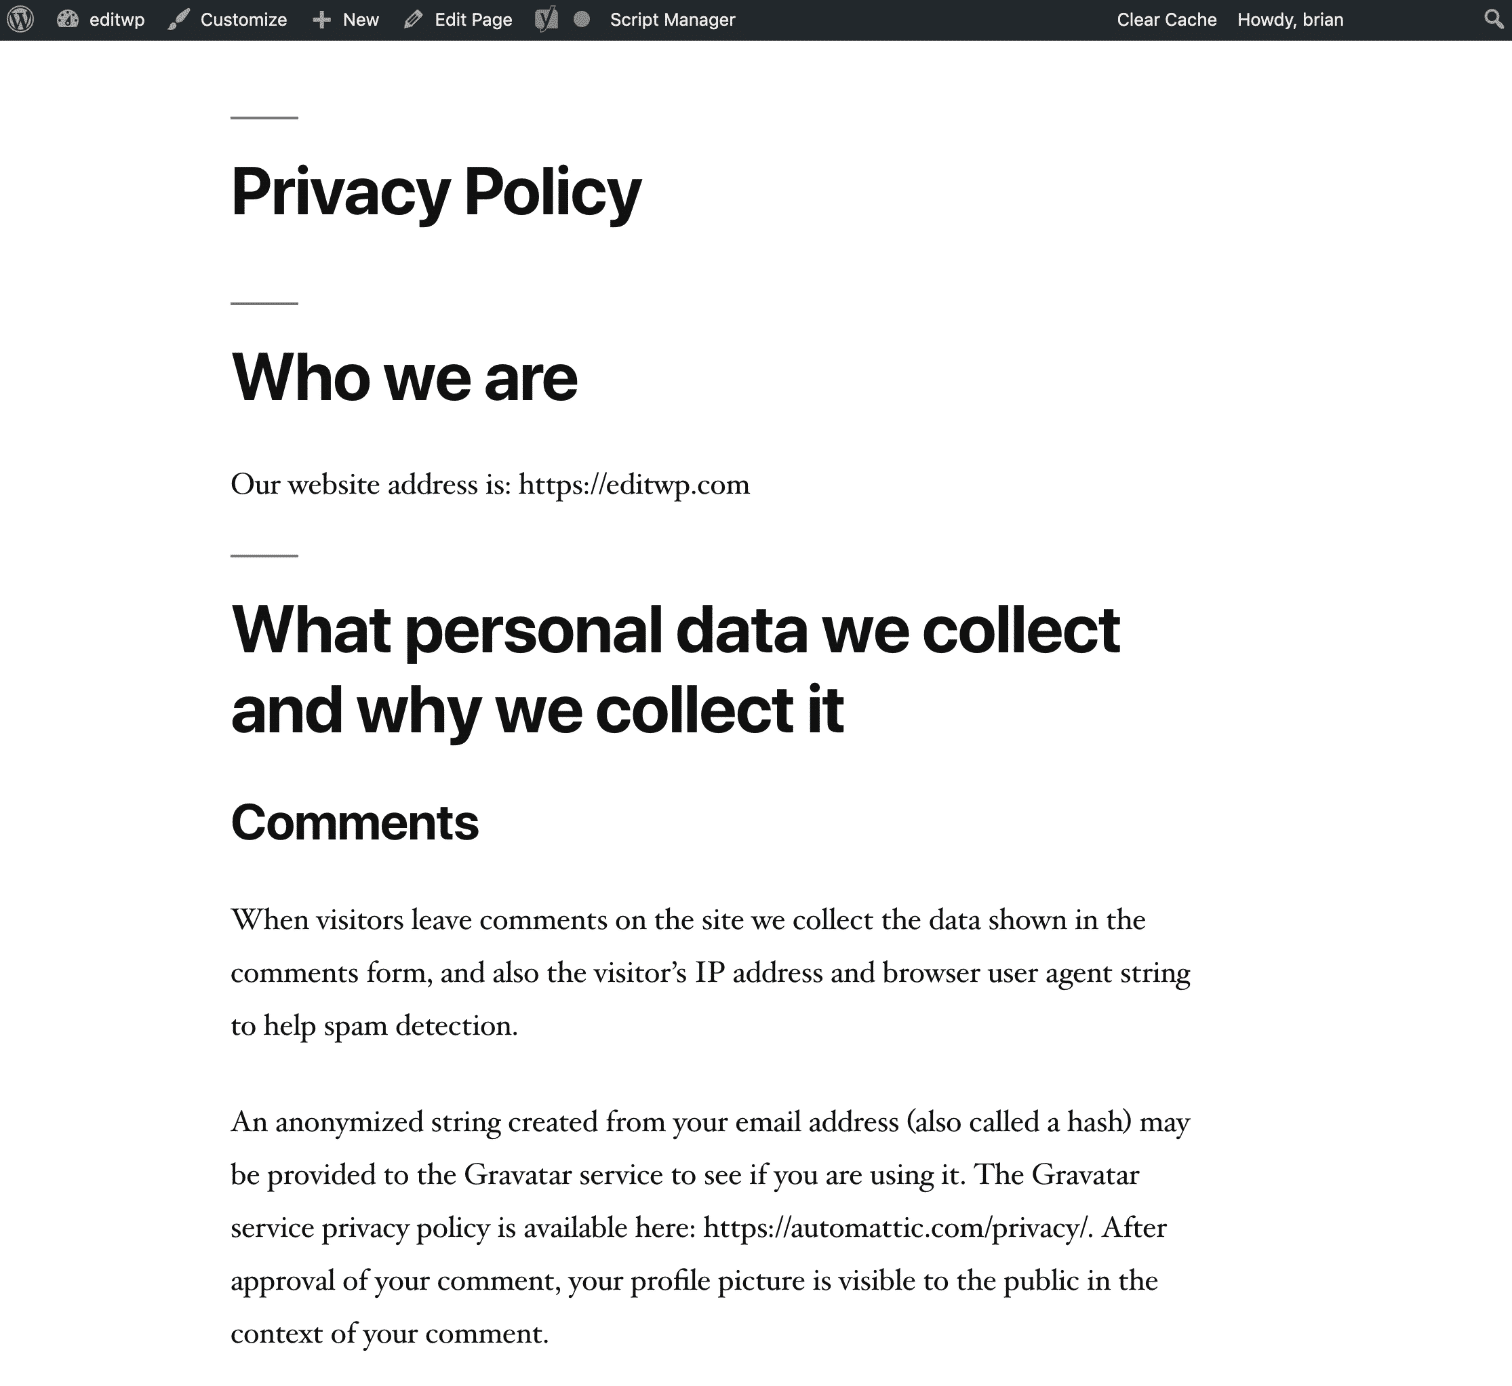 Exemplo de página da Política de Privacidade no WordPress